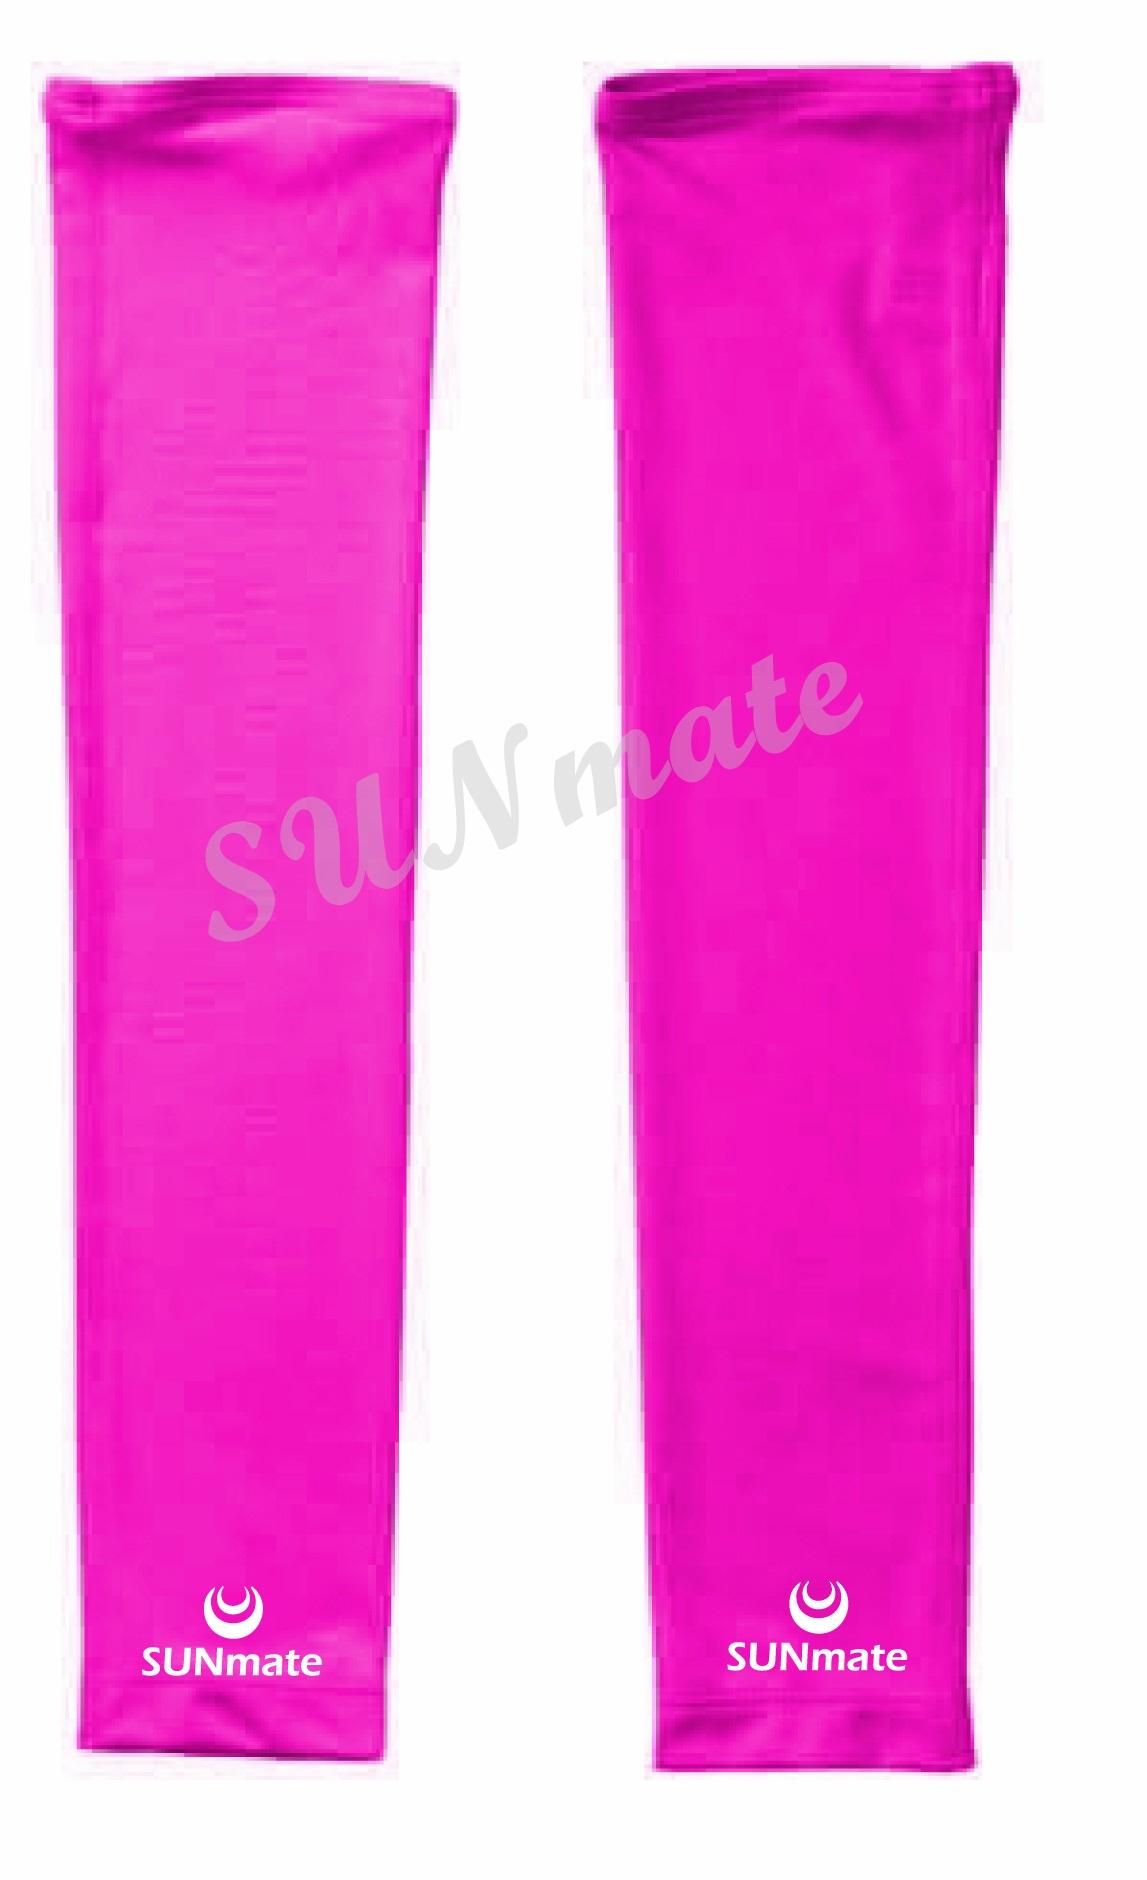 ปลอกแขนกันUV size XL : Orchid pink